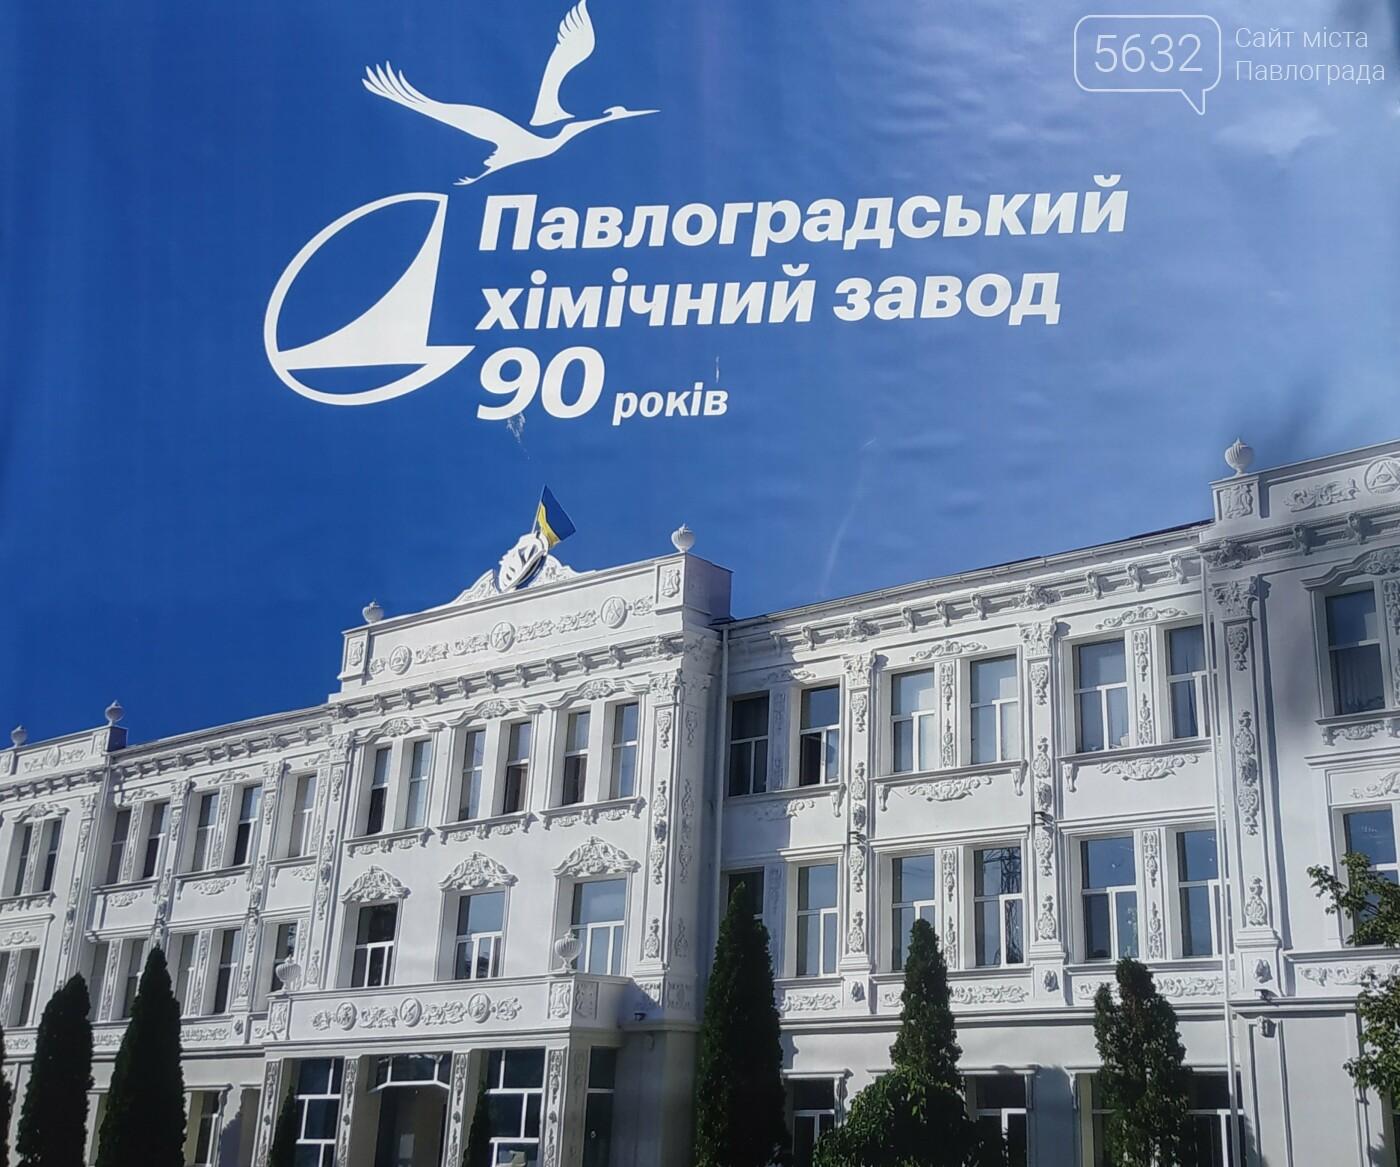 Павлоградский химический завод готовится к возобновлению работ по утилизации ТРТ (ФОТОРЕПОРТАЖ), фото-5